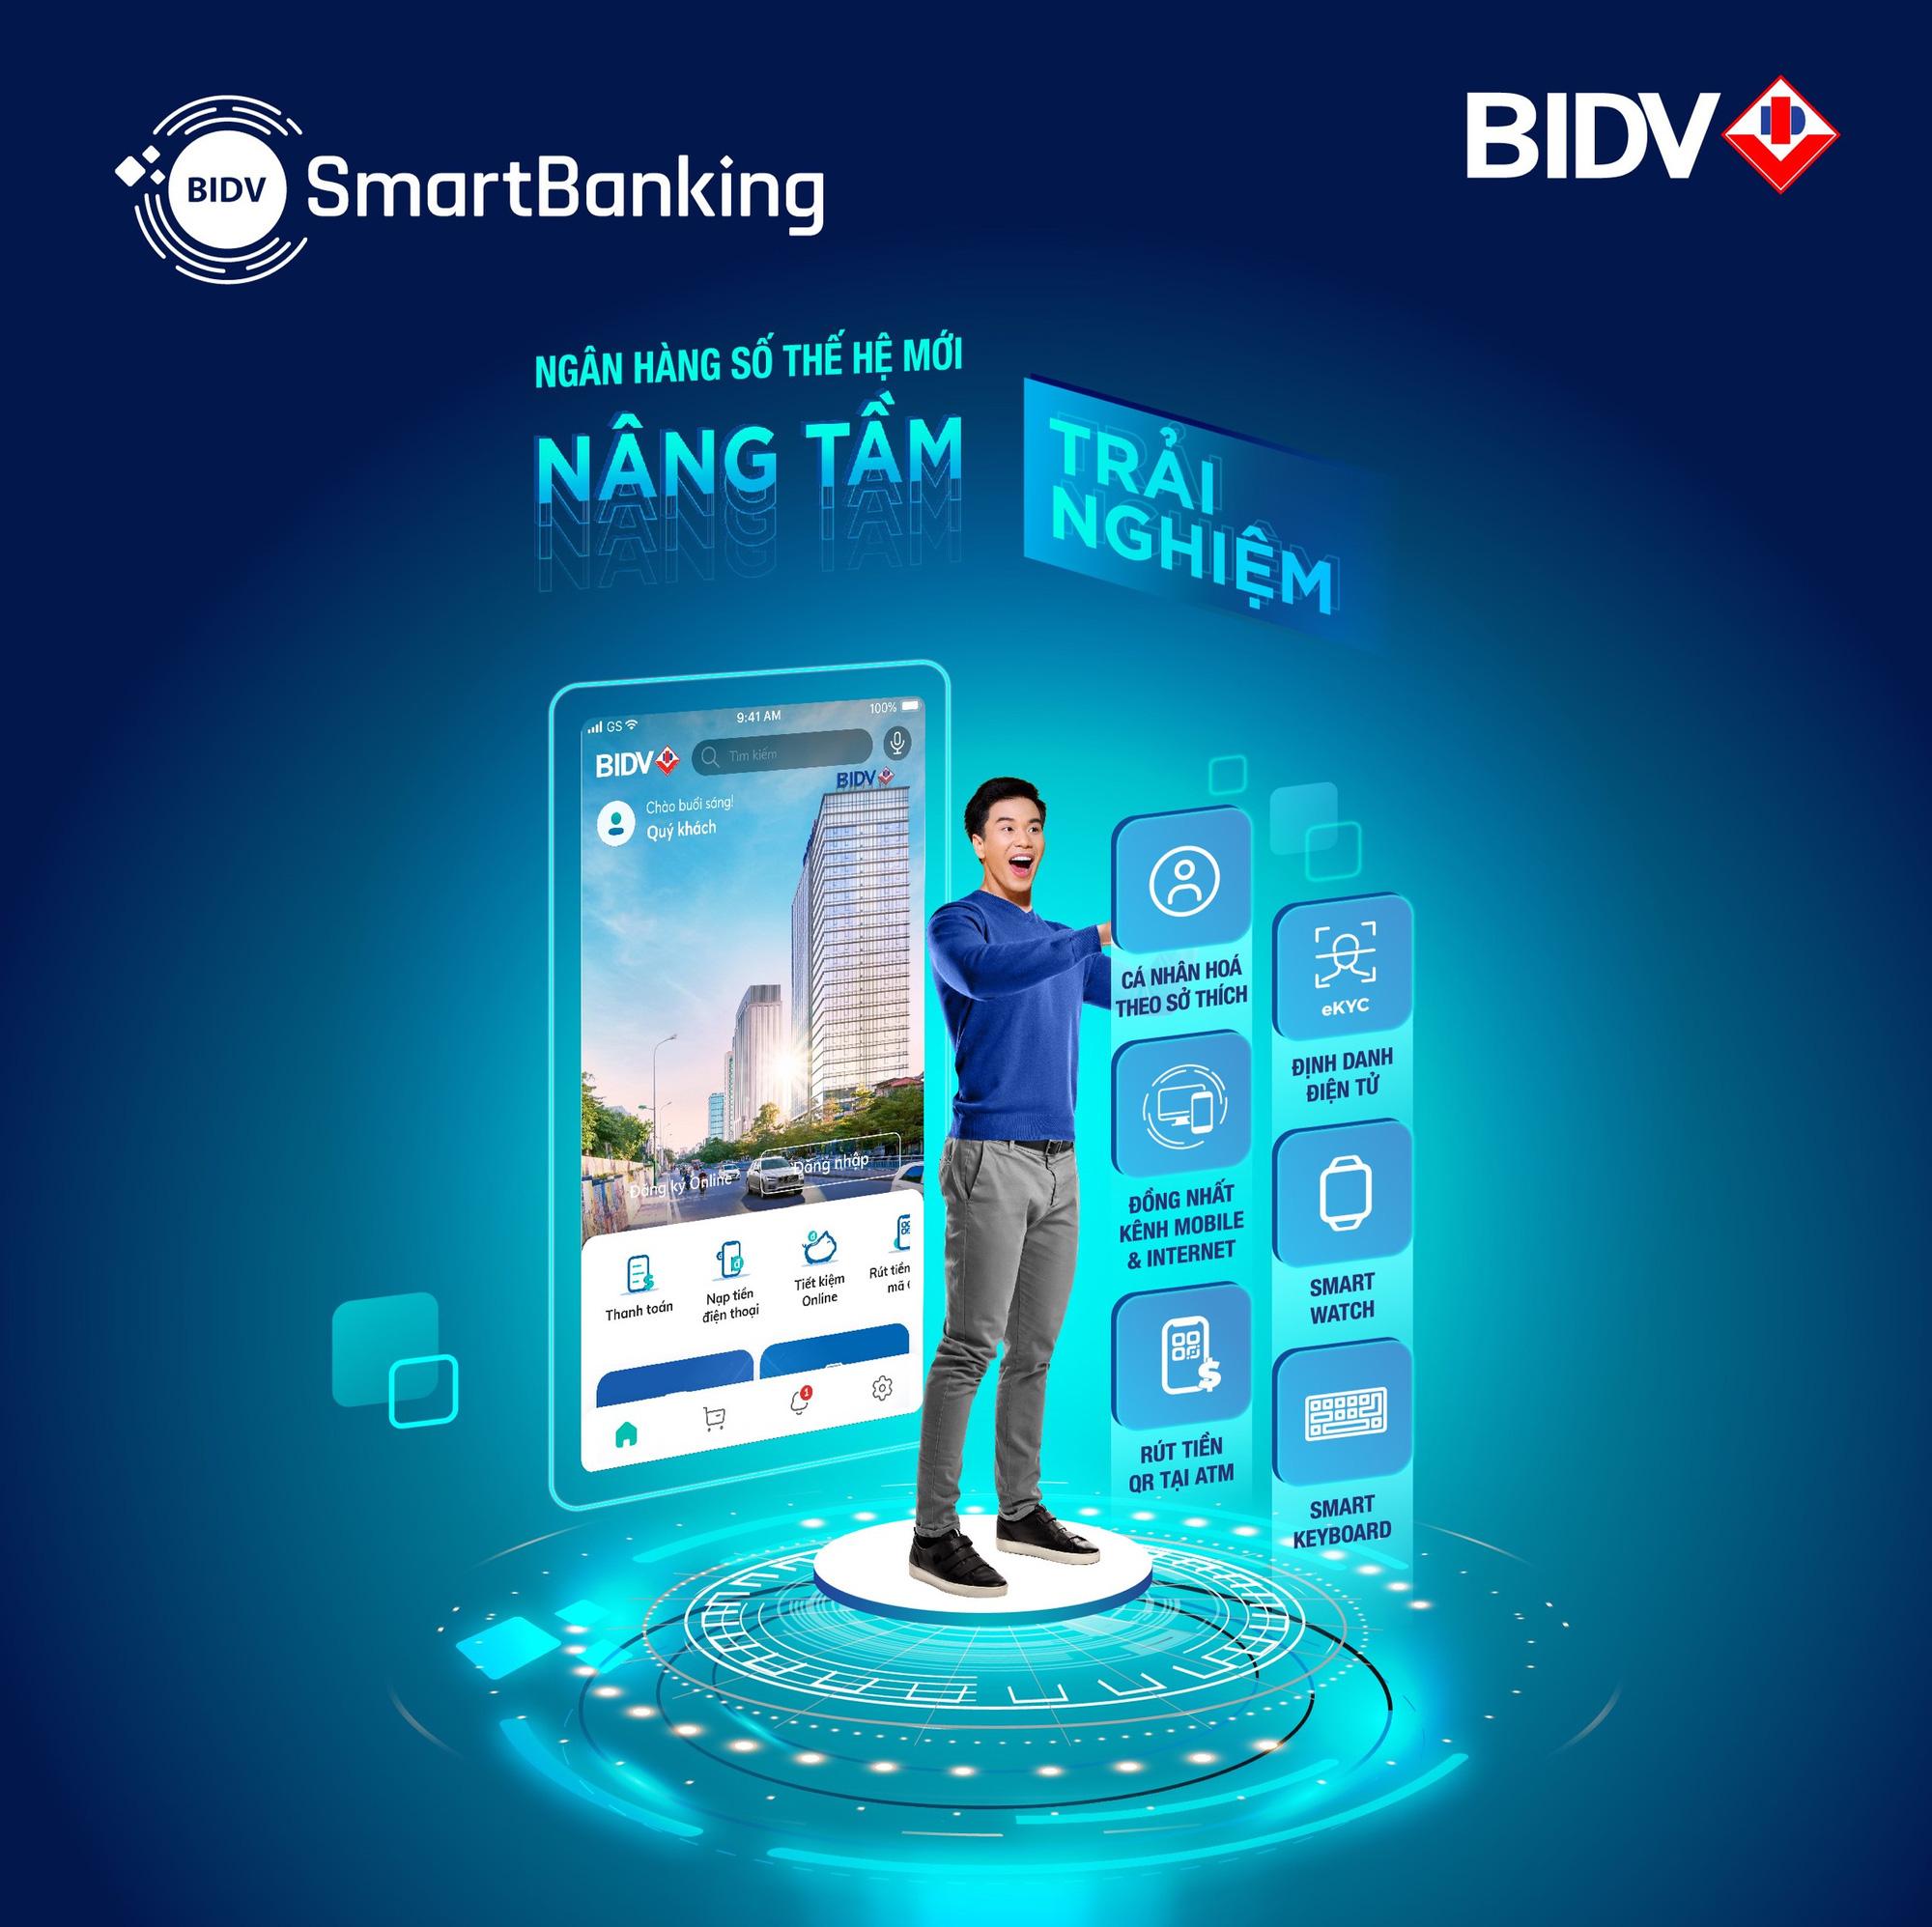 BIDV ra mắt SmartBanking thế hệ mới, khẳng định vị thế ngân hàng số dẫn đầu - Ảnh 1.